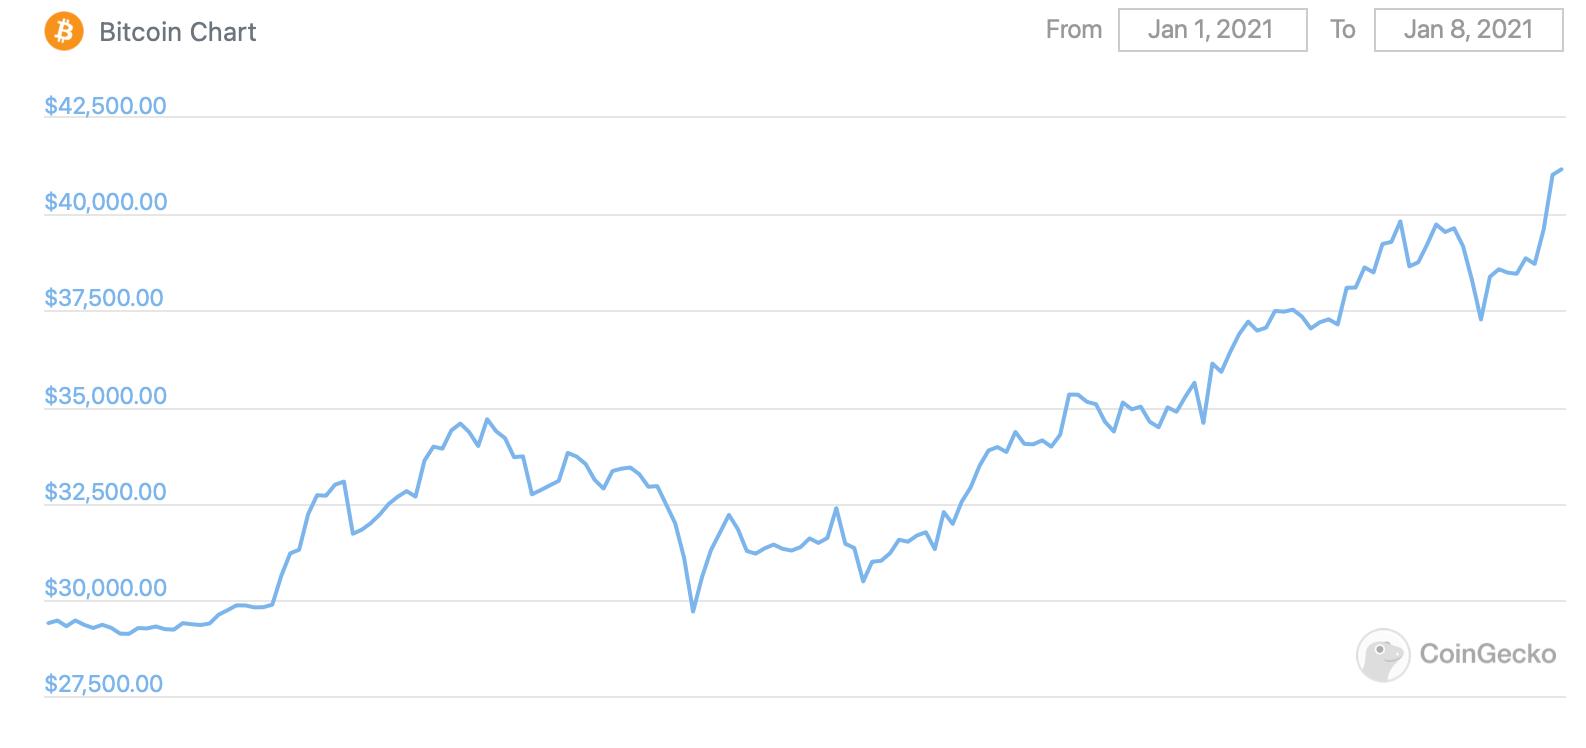 График Биткоина за последнюю неделю